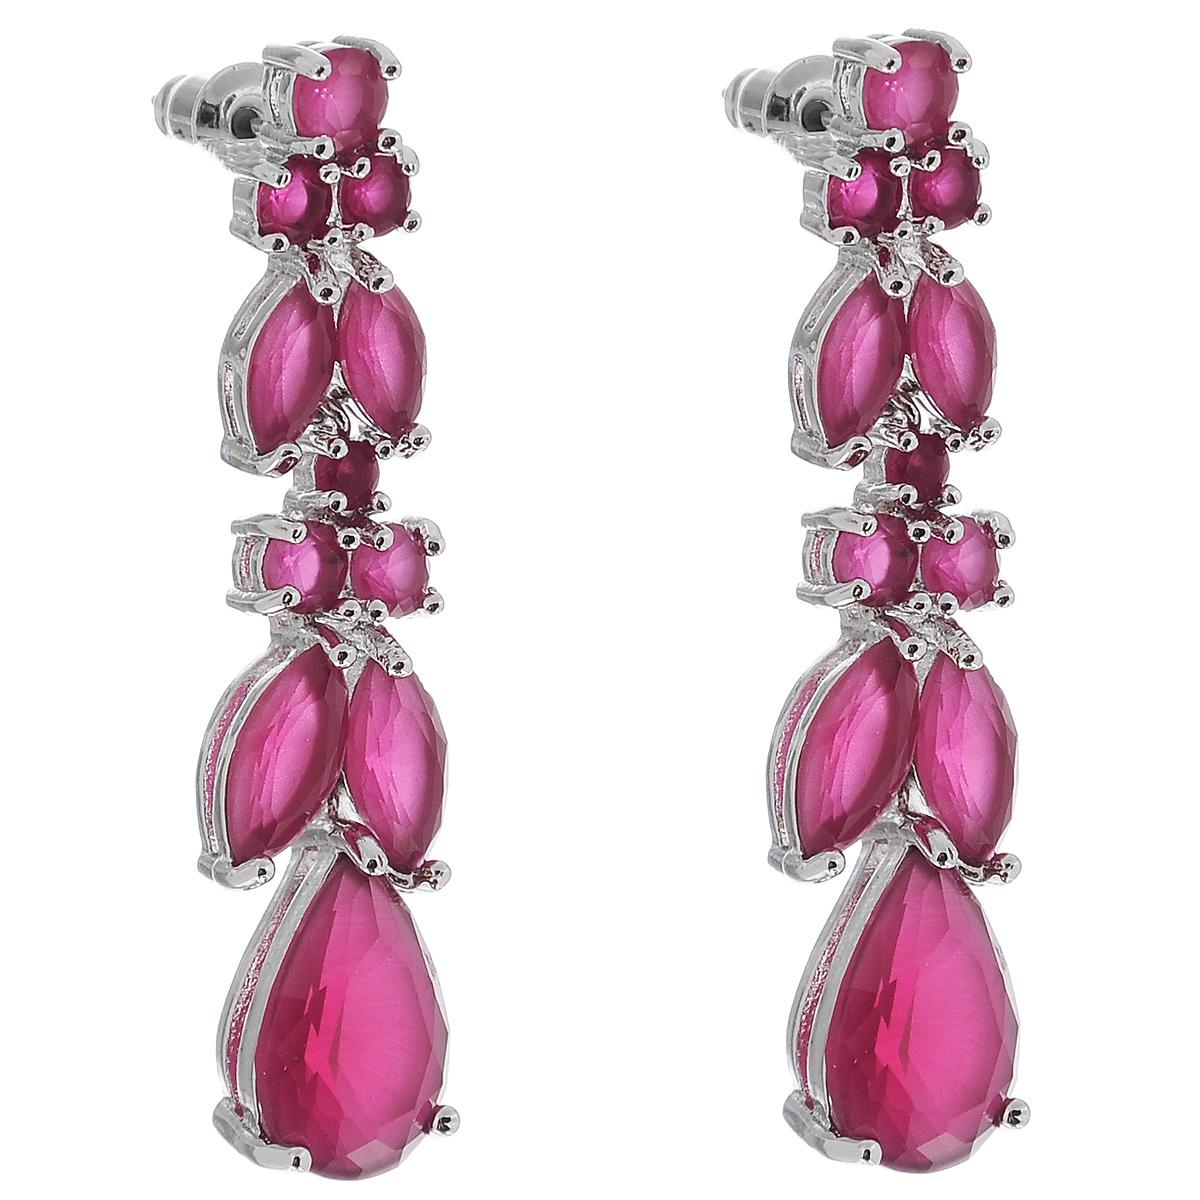 Серьги Taya, цвет: розовый. серебристый. T-B-7720T-B-7720-EARR-PINKЯркие утонченные серьги Taya выполнены из бижутерного сплава на основе латуни. Модель дополнена вставками из натуральных камней разного размера. Глубокий розовый оттенок изделия выглядит завораживающе и необычно. Все камни вставлены вручную. Застегивается на замок-гвоздик с пластиковыми заглушками. Такие серьги подчеркнут ваш стиль и позволят создать собственный, неповторимый образ.